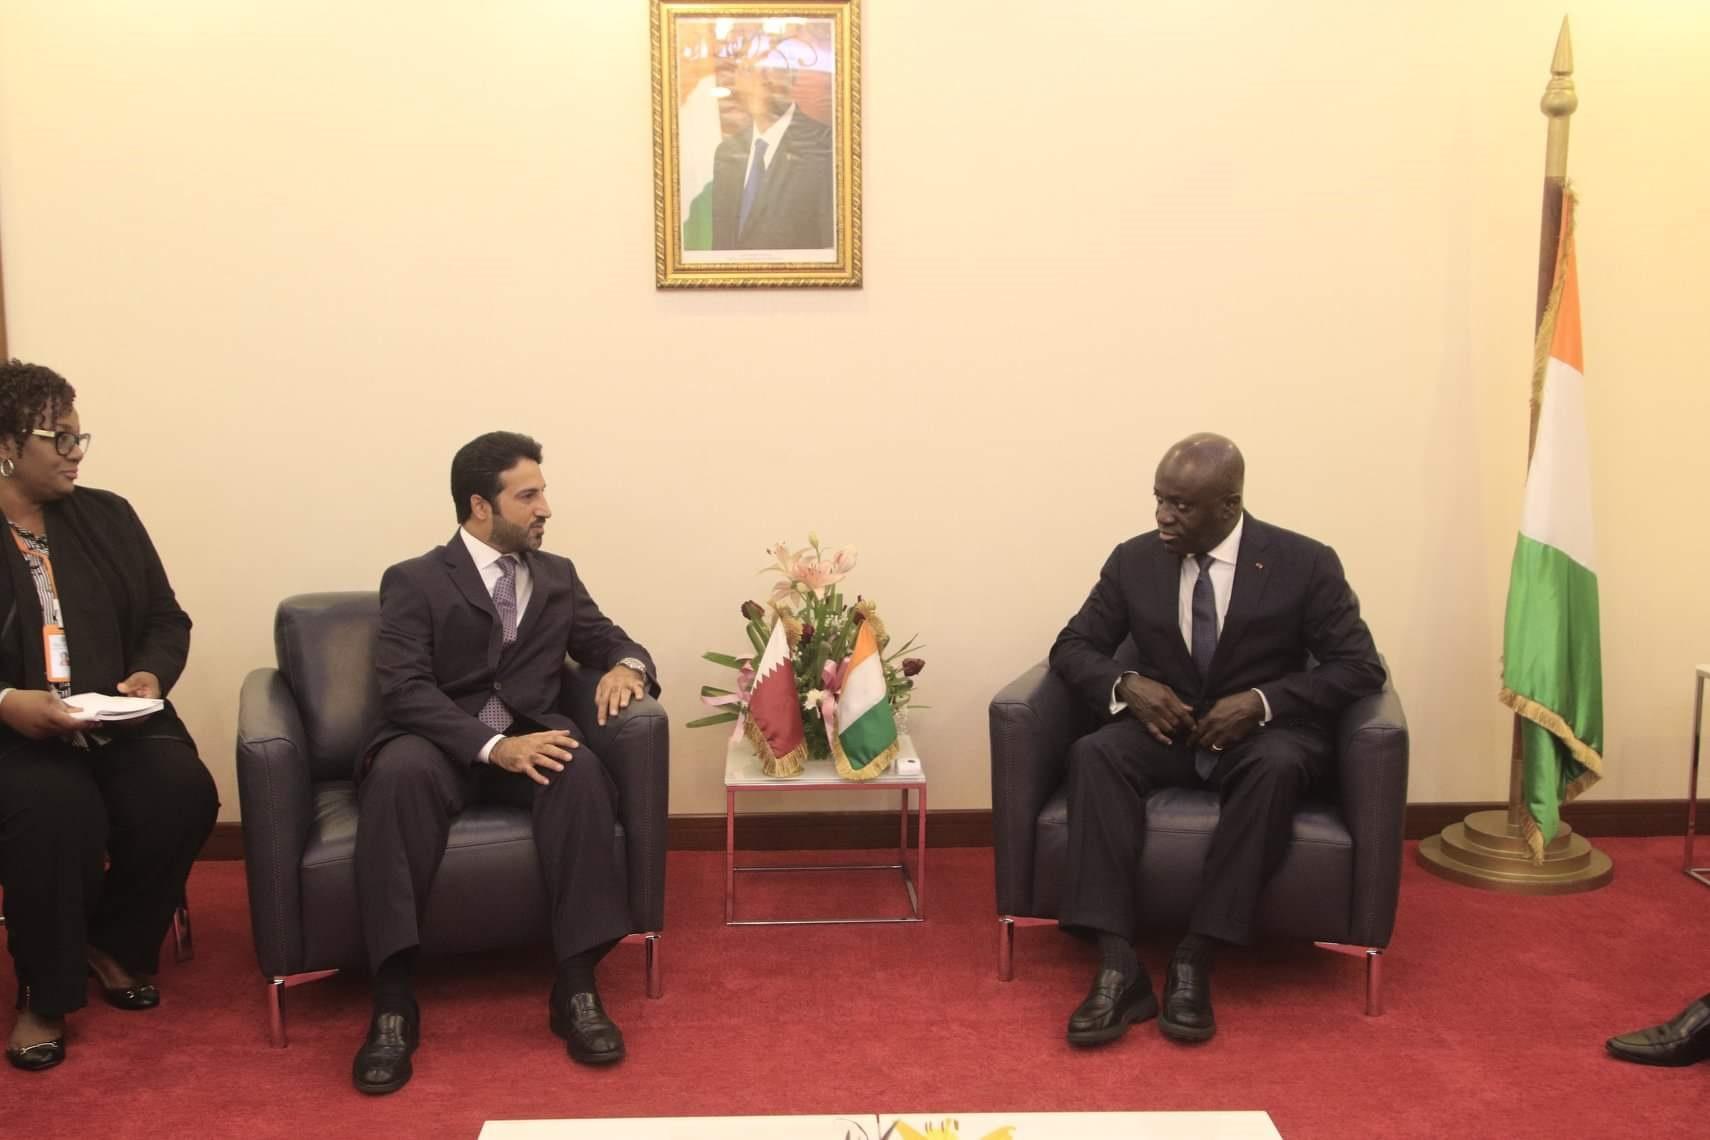 وزير خارجية ساحل العاج يتسلّم نسخة من أوراق اعتماد سفير قطر